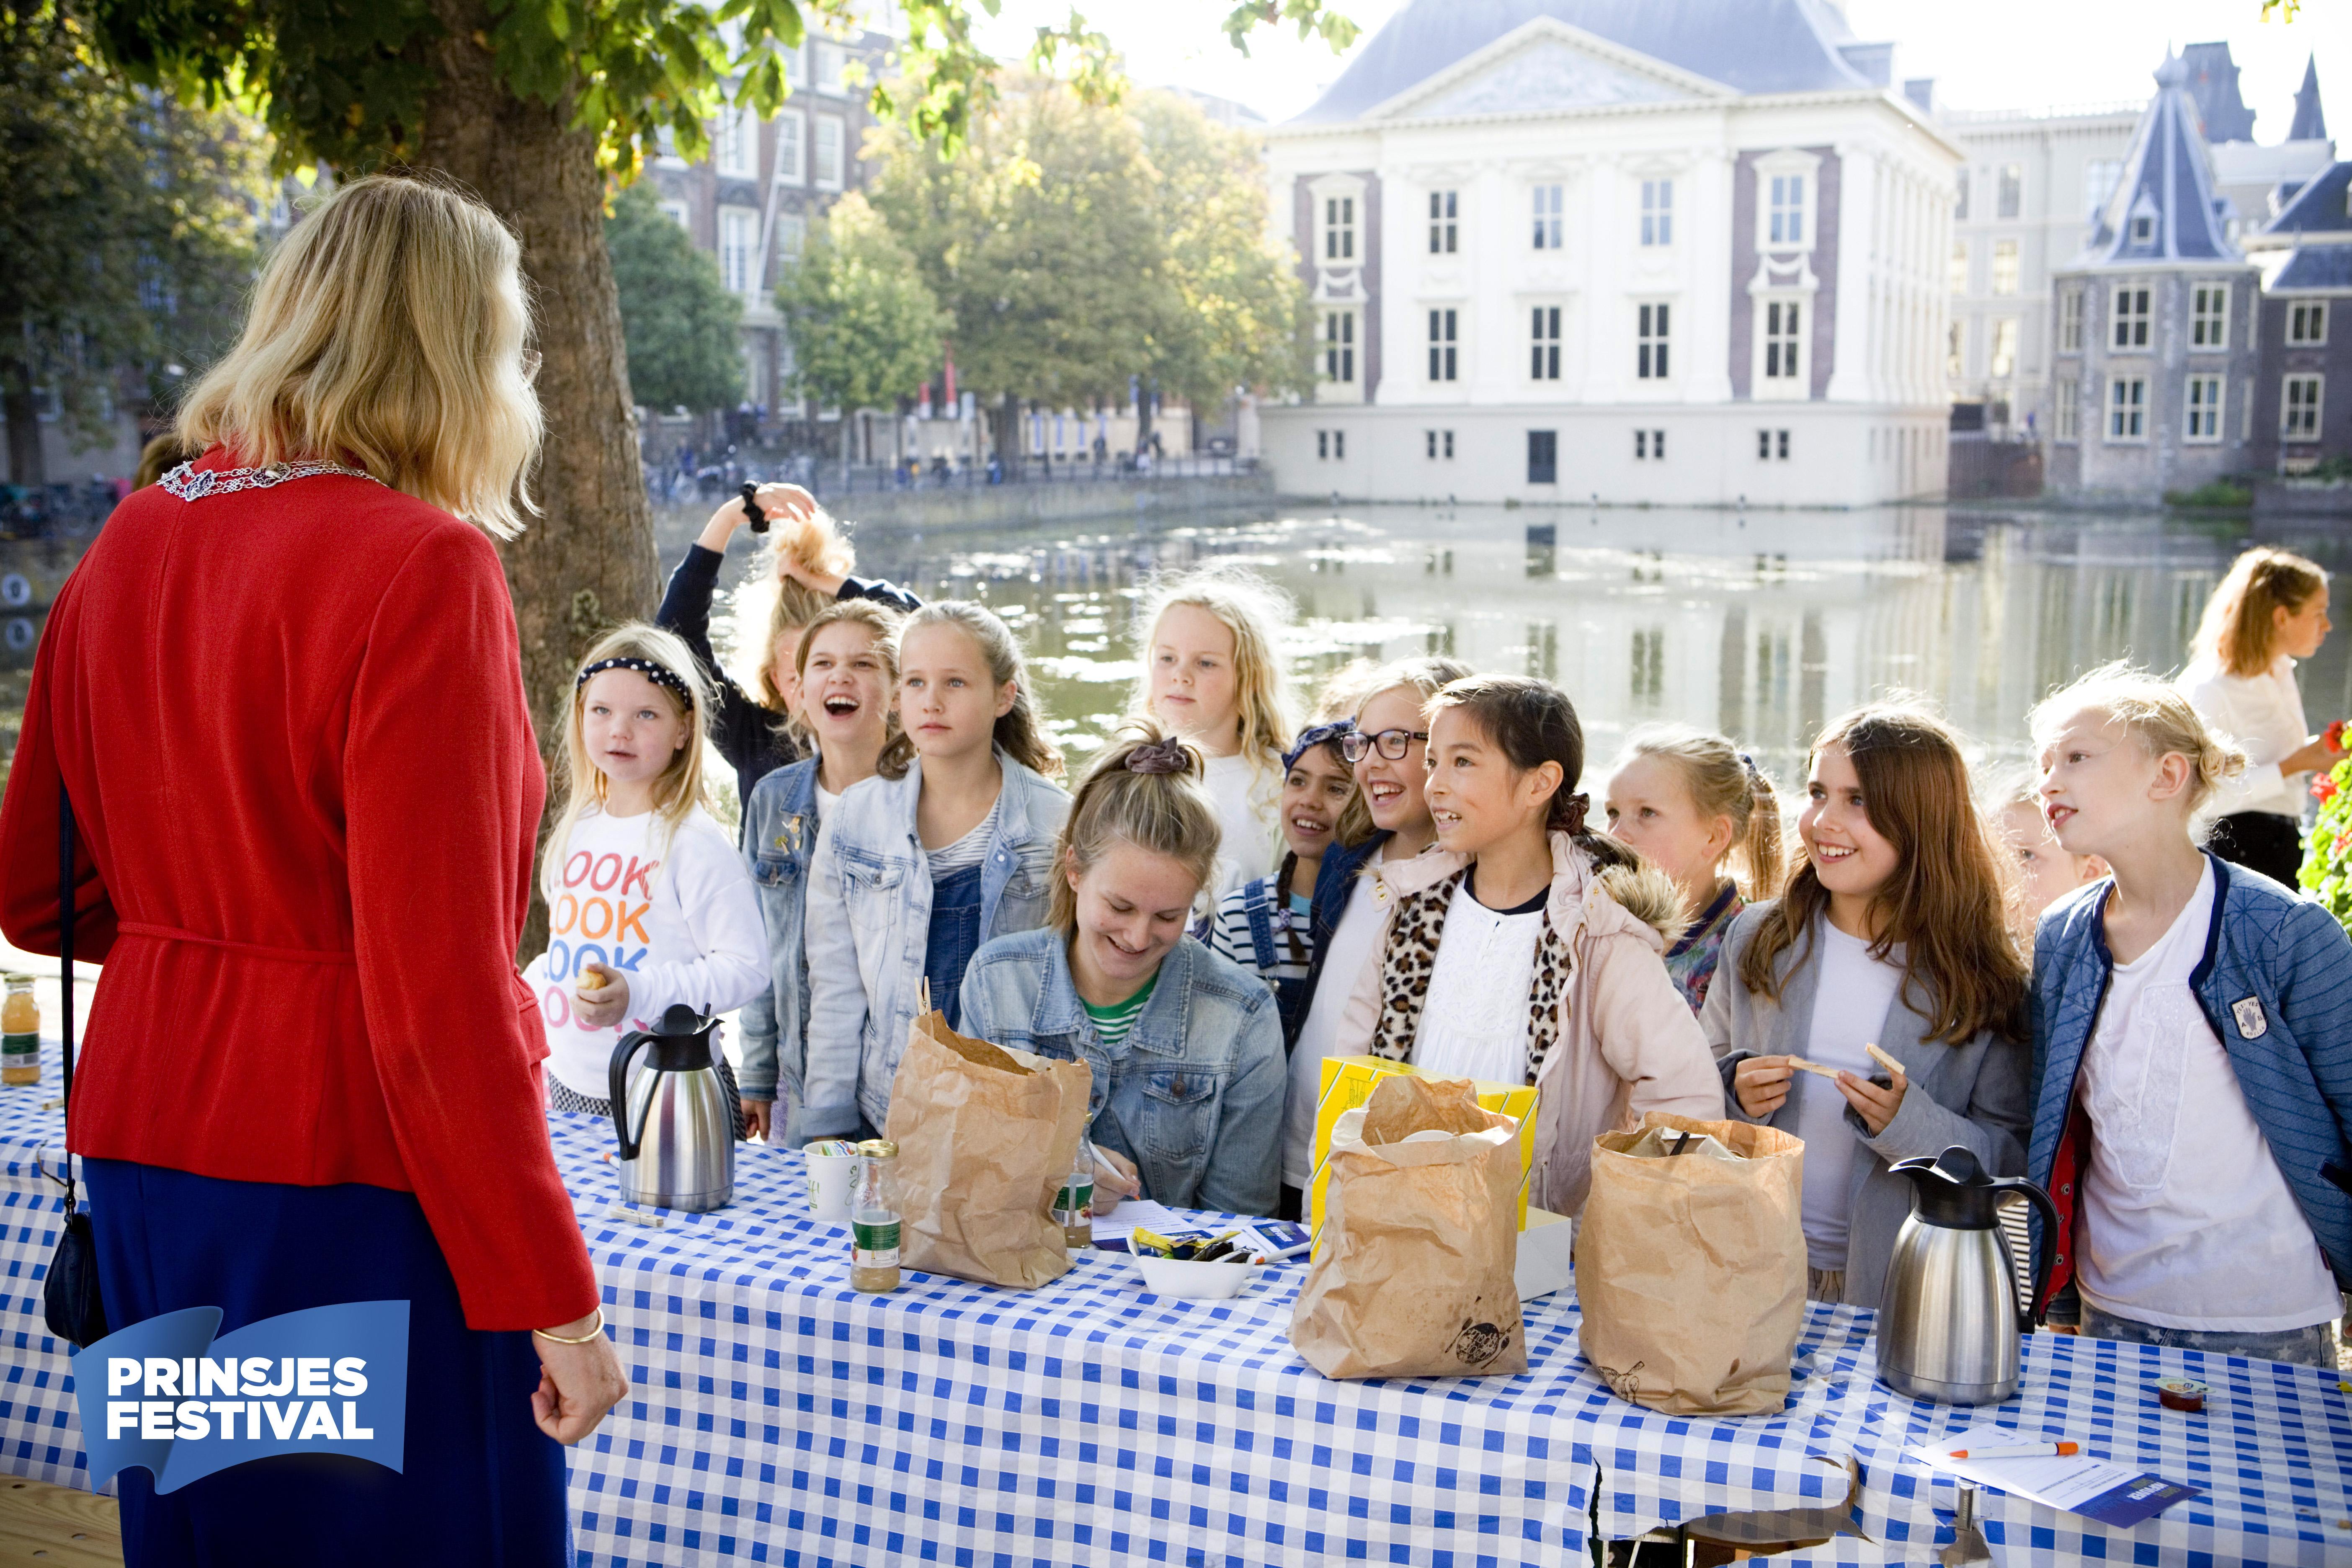 PrinsjesOntbijt 2019 | ©Gerhard van Roon